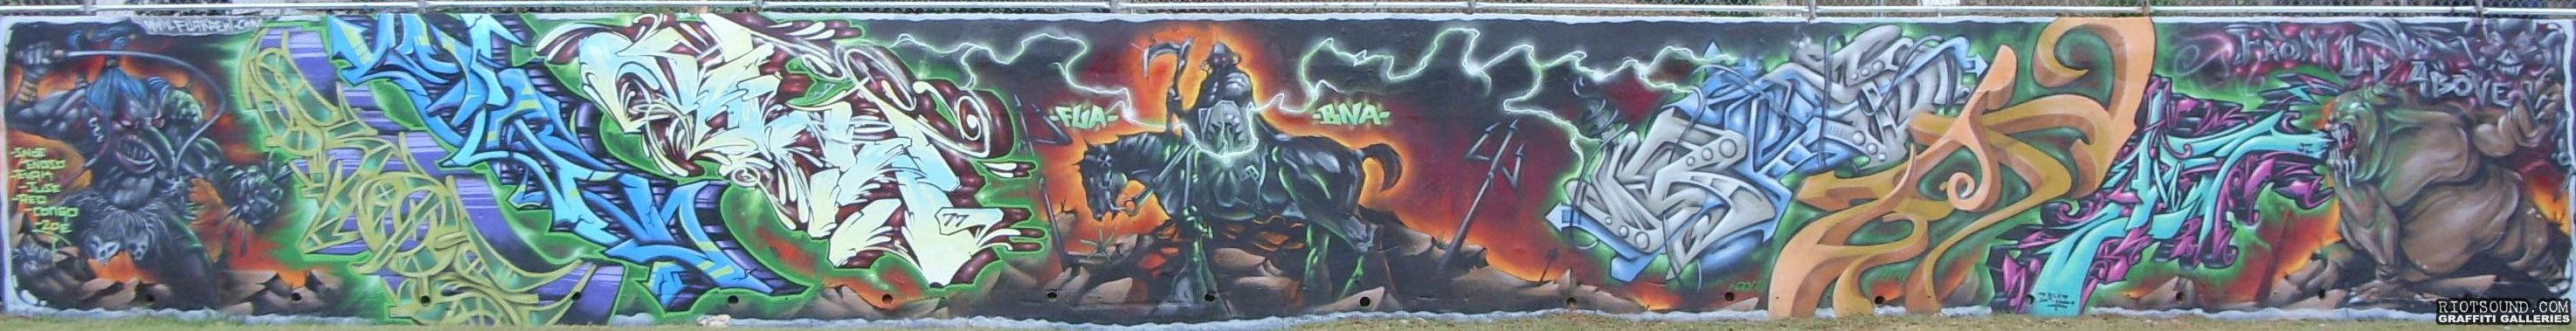 BNA FUA CREW Wall